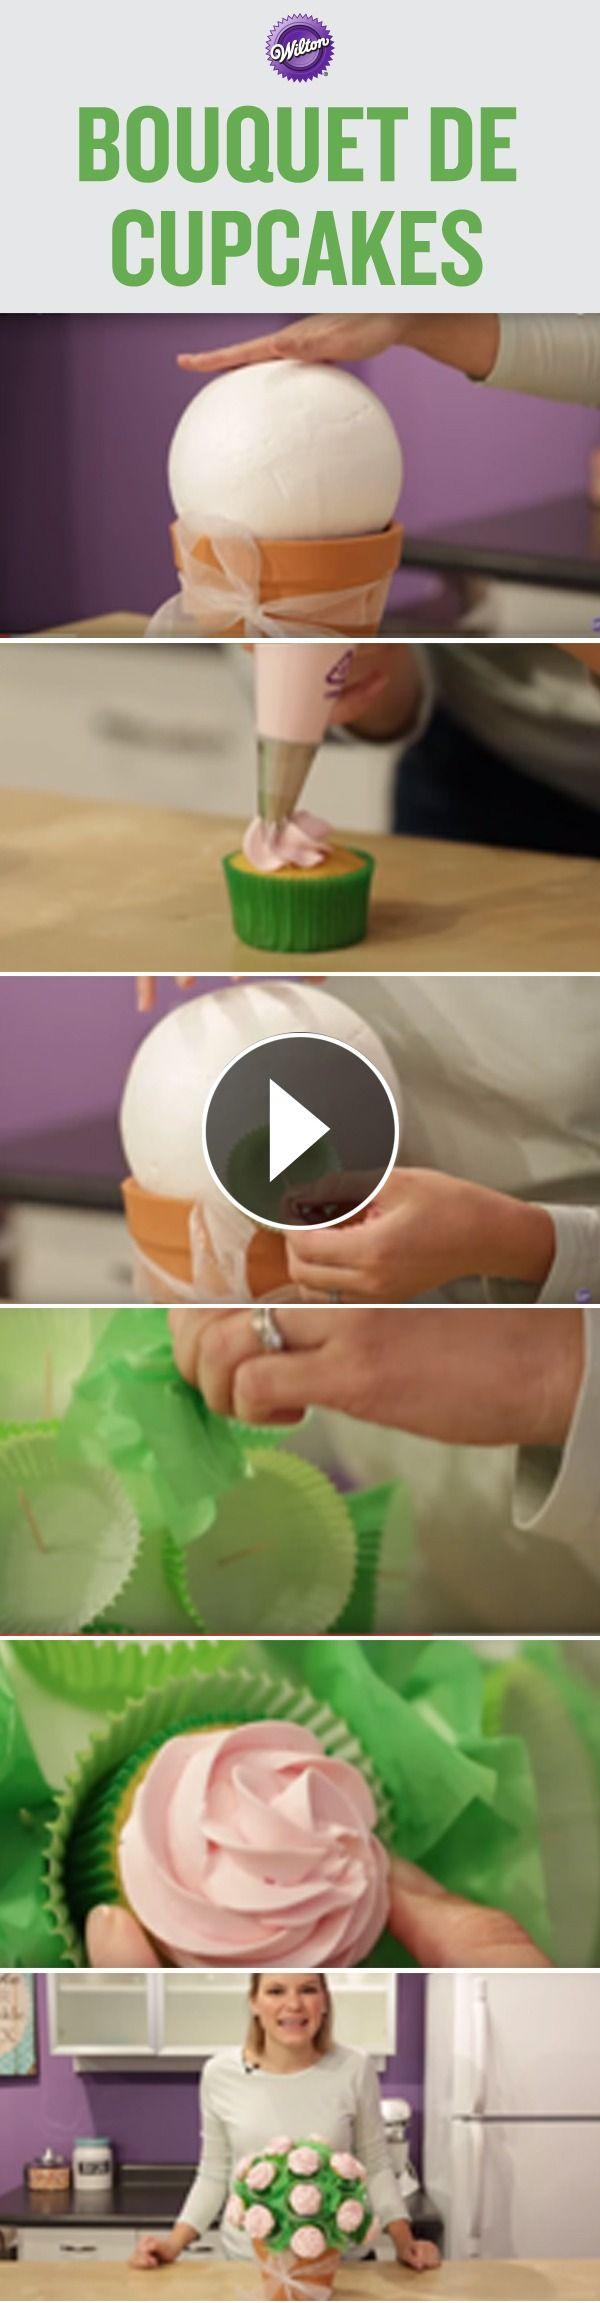 Prepara un delicioso arreglo de flores. En este video aprenderás a decorar cupcakes con un espiral y a como armar un arreglo floral.